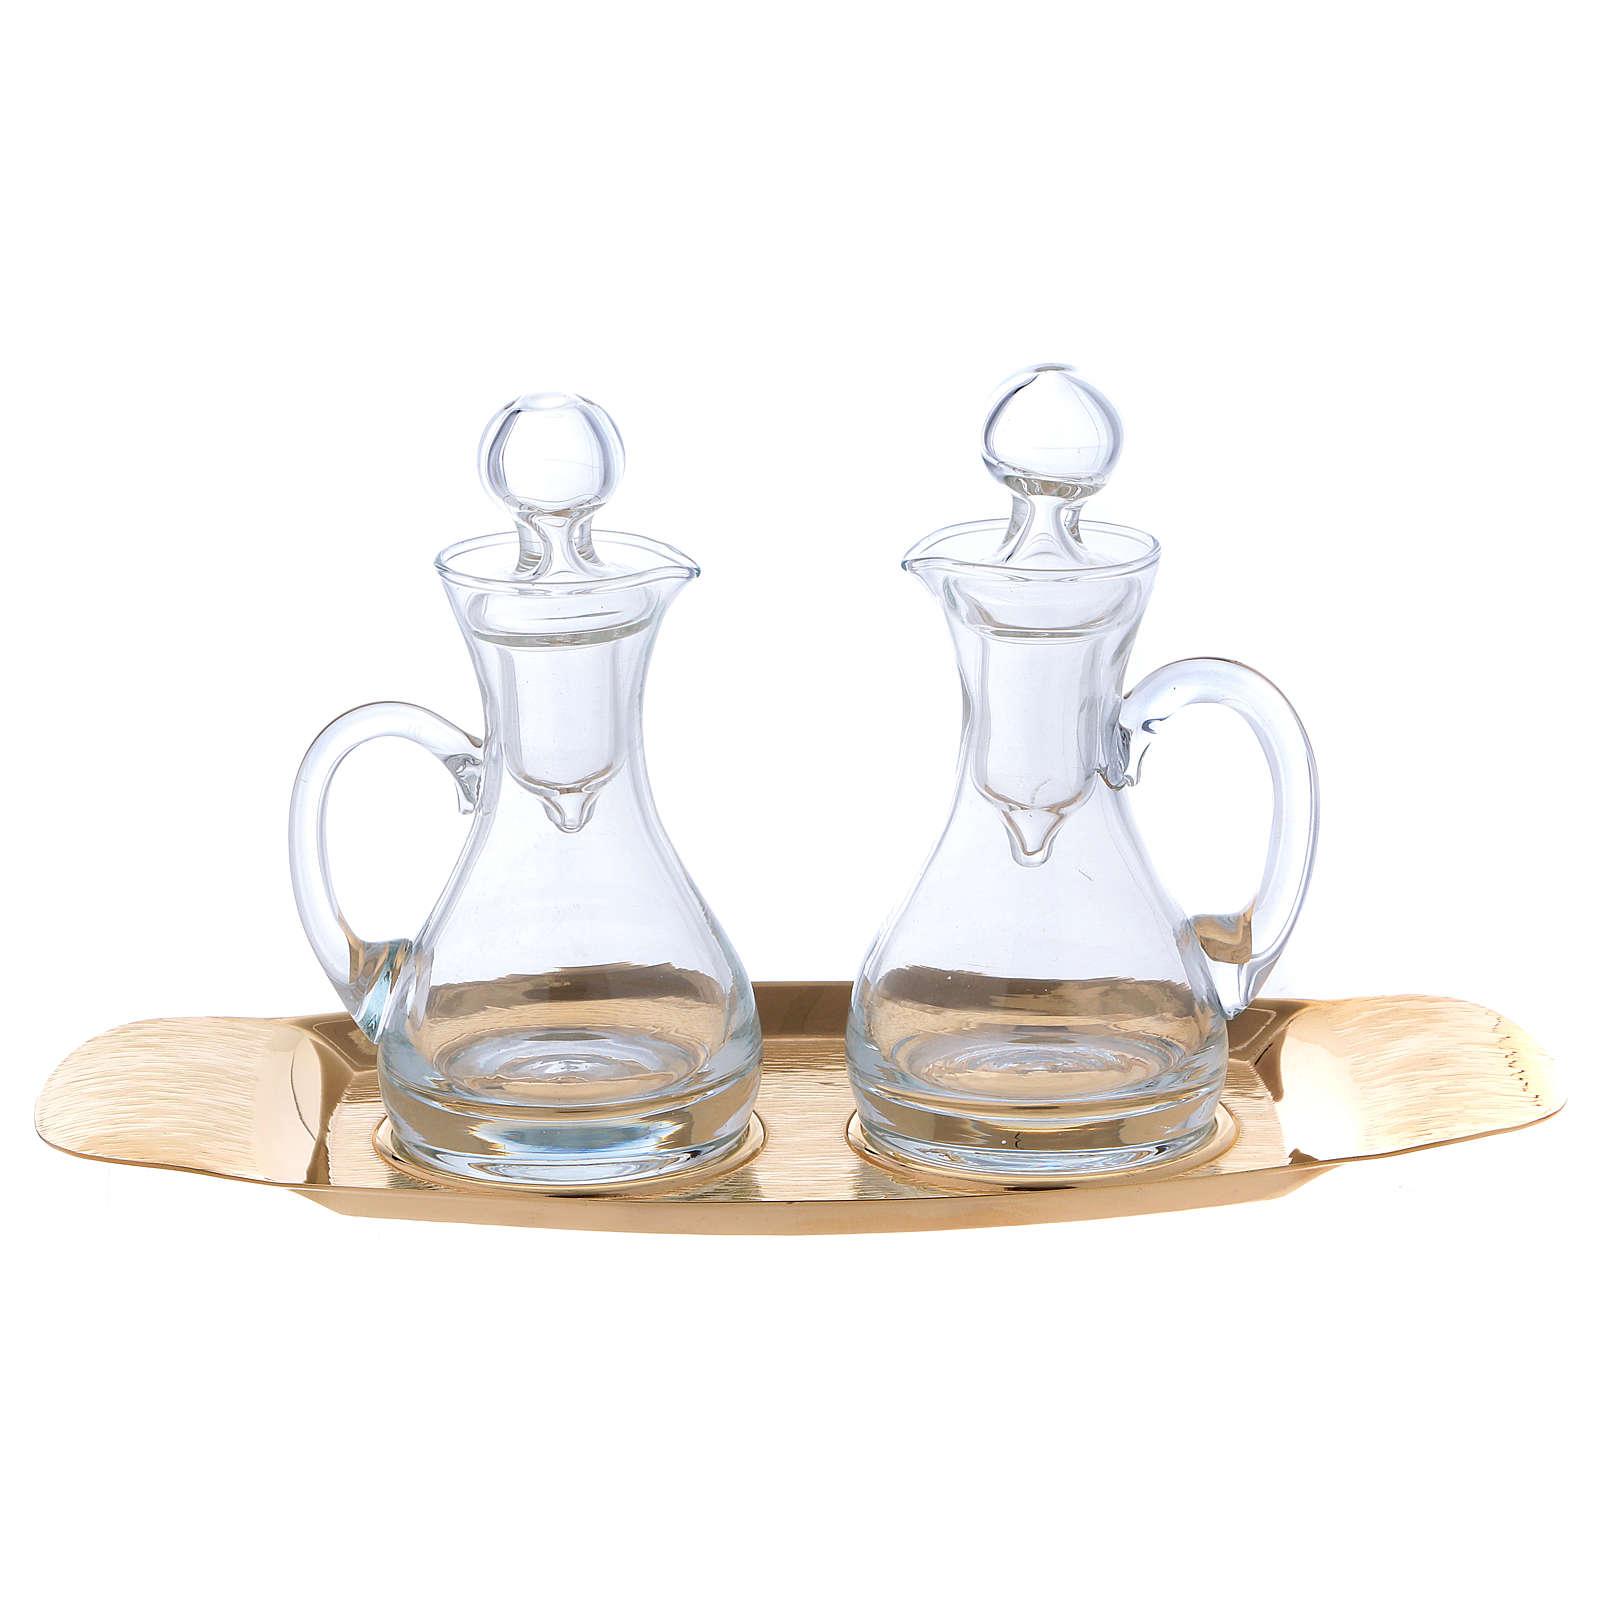 Vinajeras agua y vino con bandeja Molina vidrio y latón 4